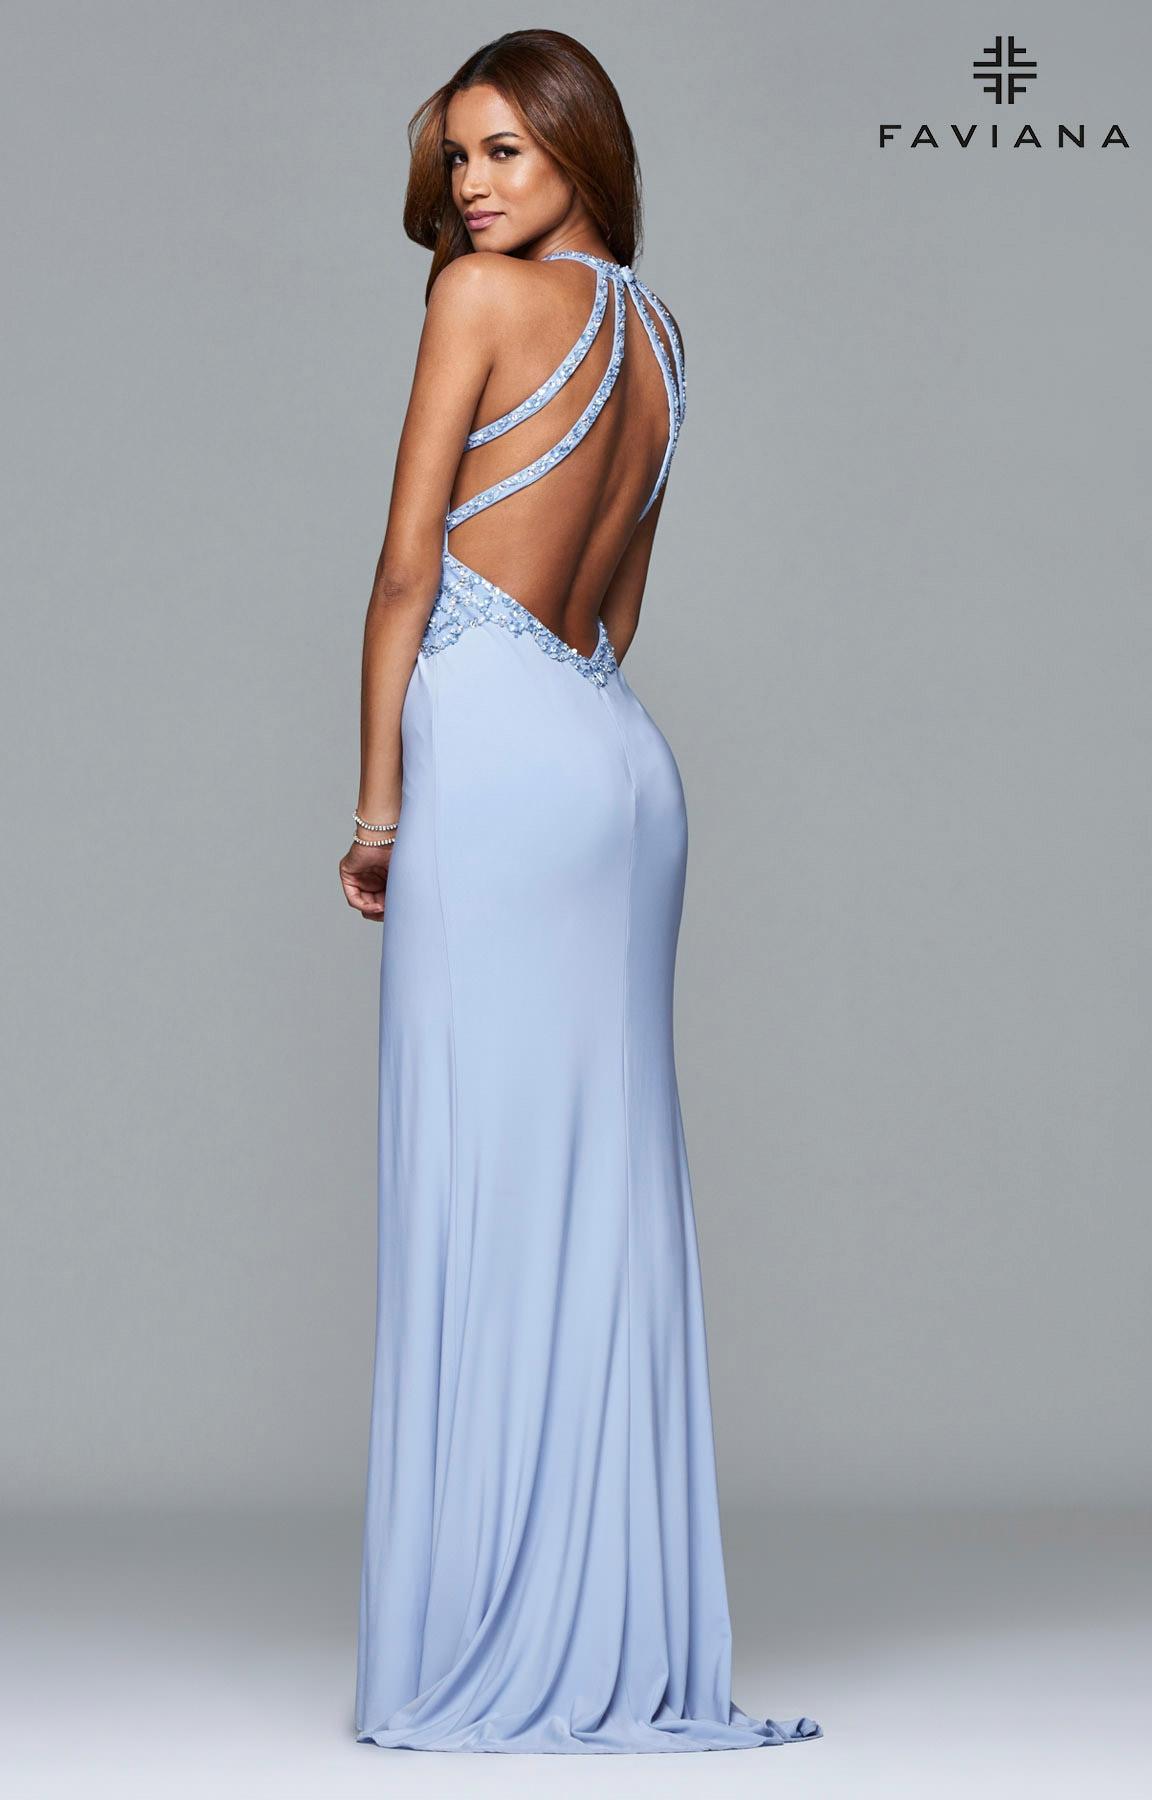 Faviana S7908 Beaded Halter Jersey Dress Prom Dress